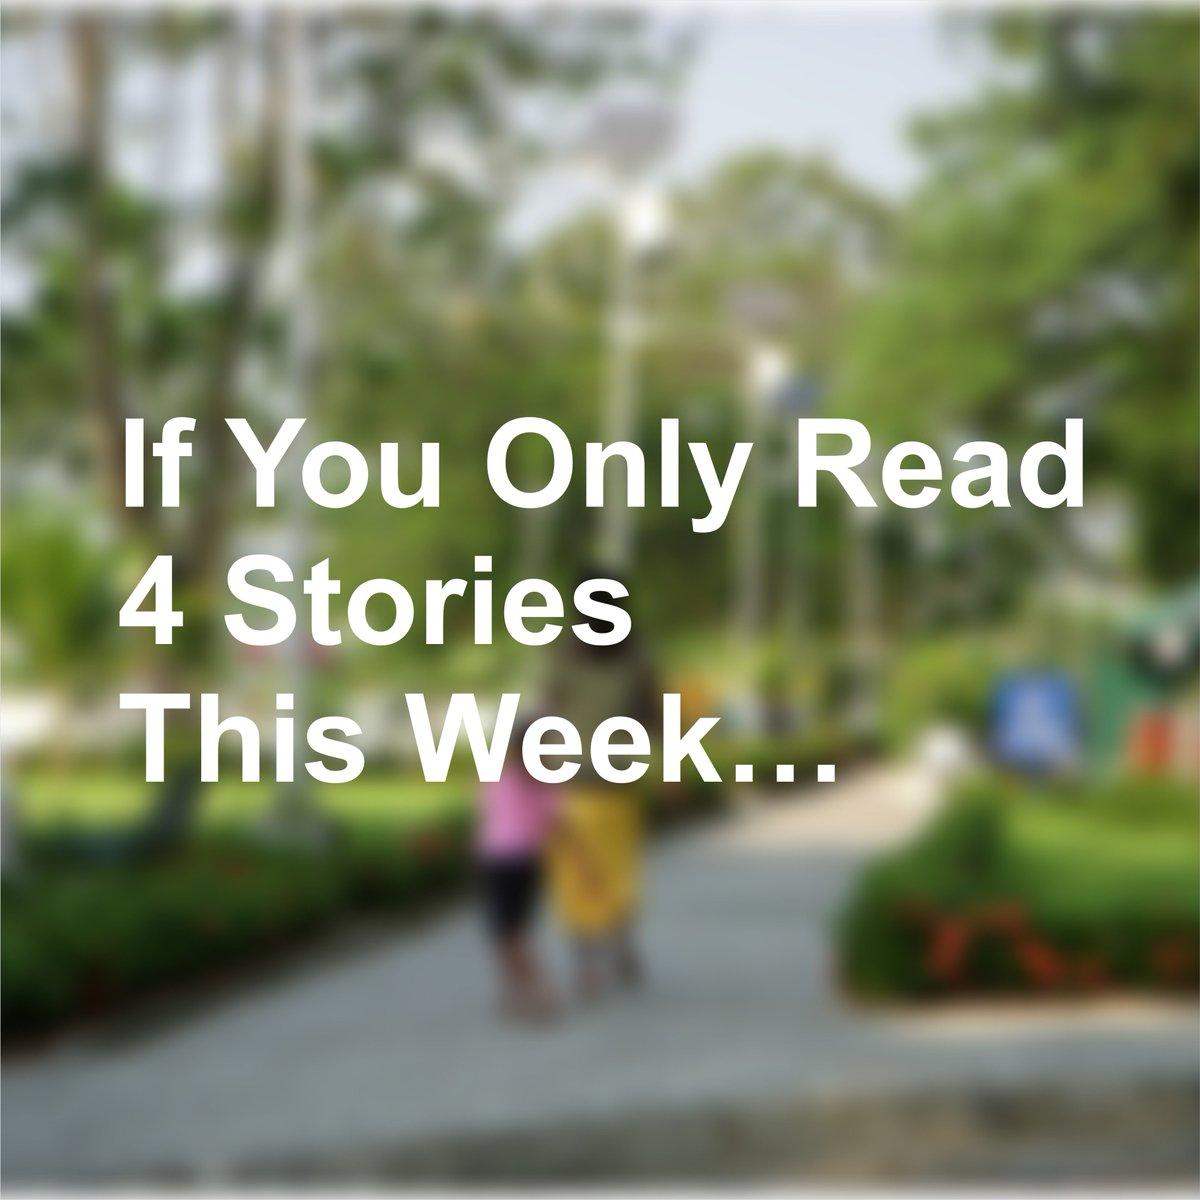 4 Stories weekly